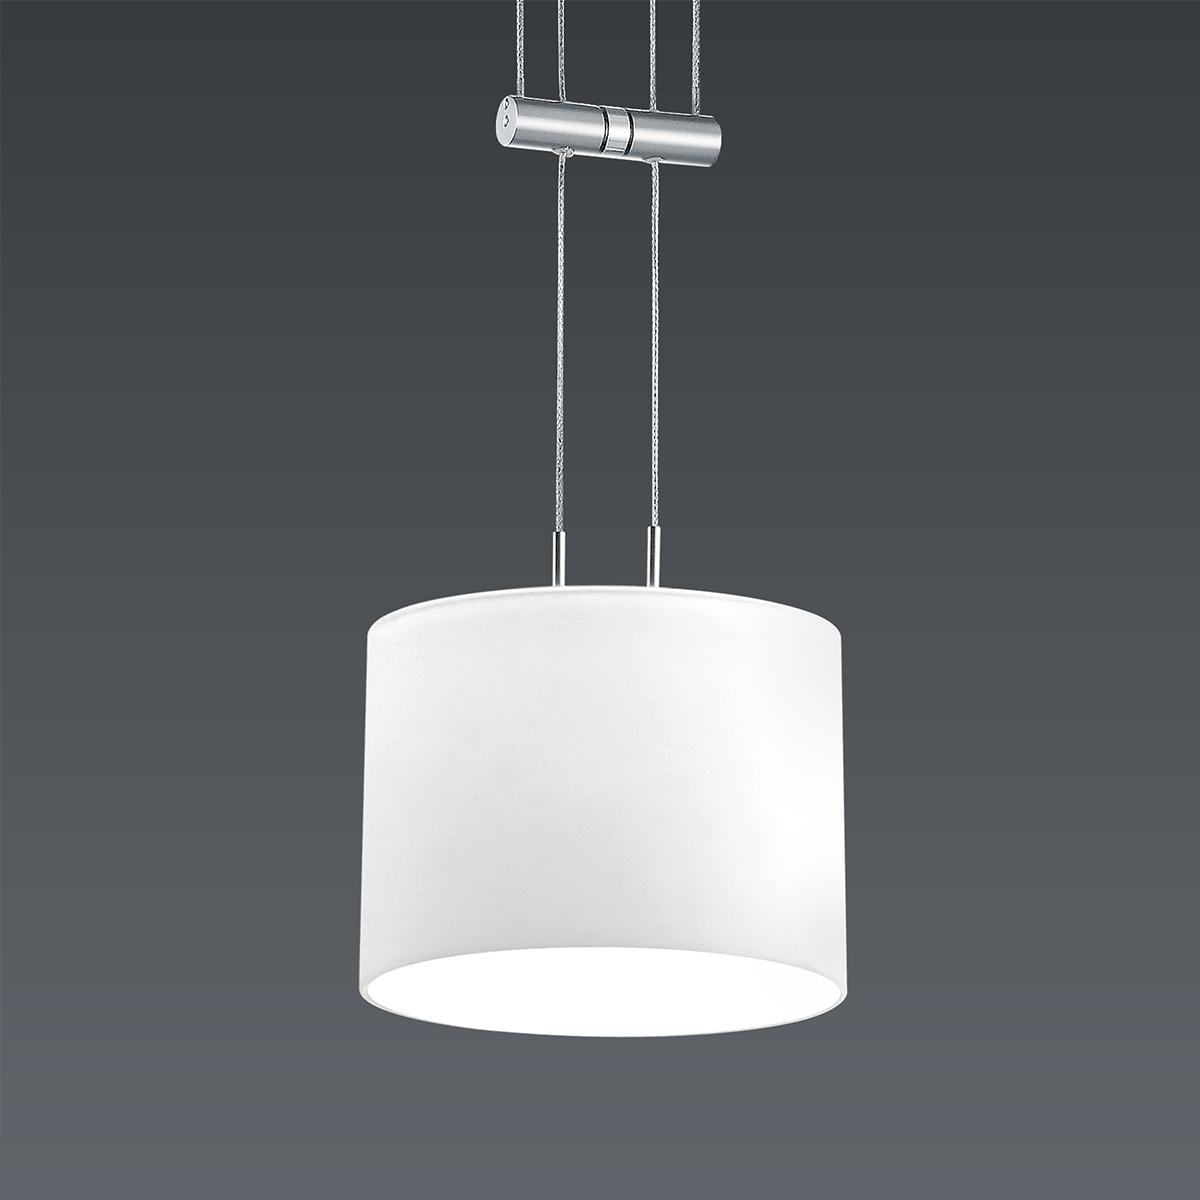 LED-Hängeleuchten von BANKAMP Leuchtenmanufaktur LED-Pendelleuchte Grazia zur Strada 2150/1-92